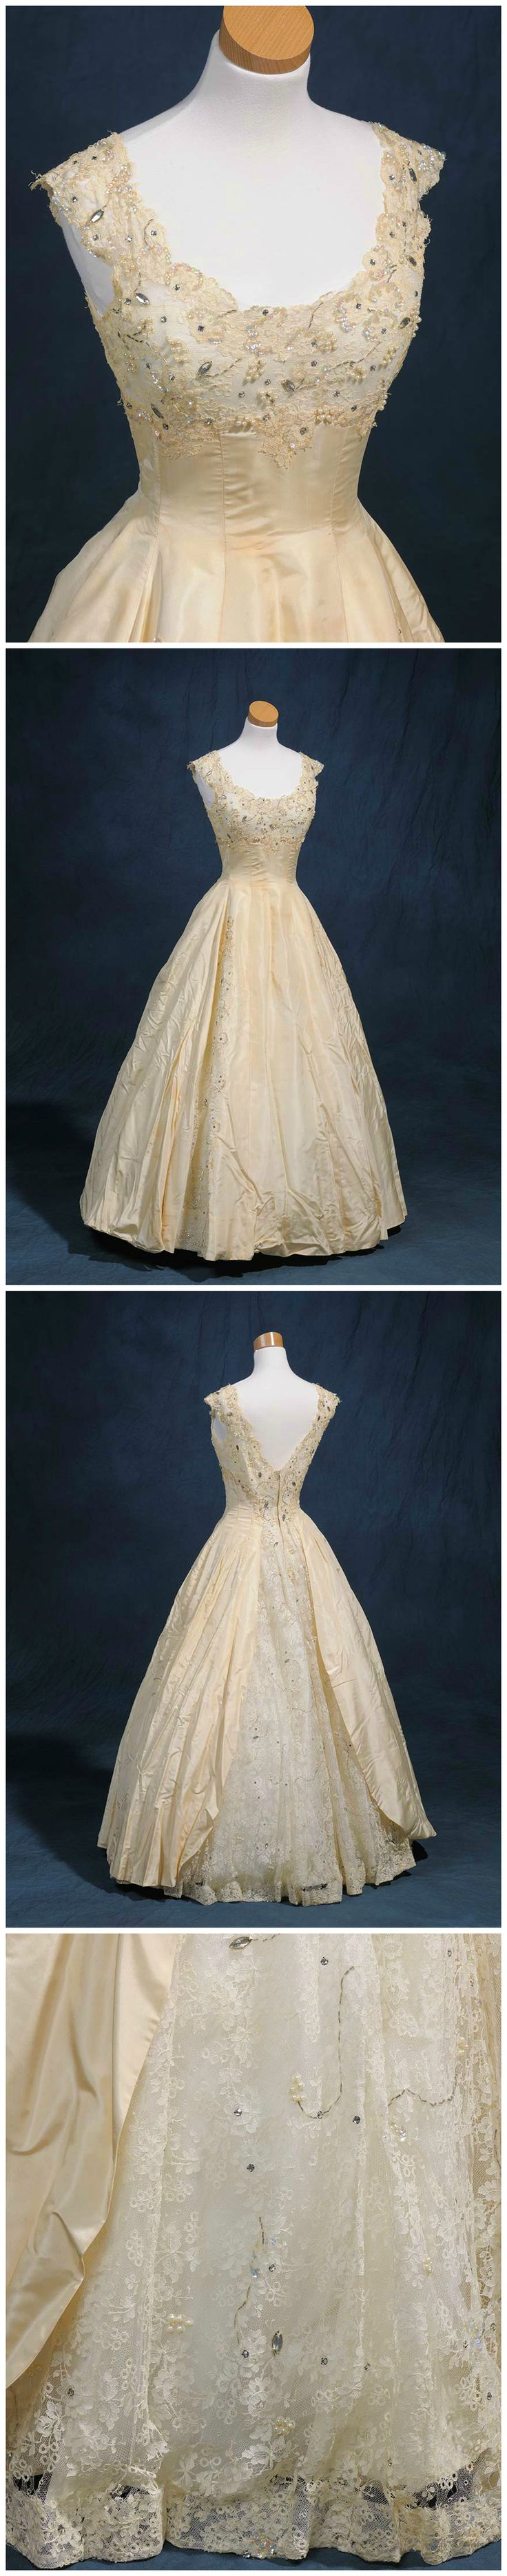 The 25+ best Debutante dresses ideas on Pinterest | 15 ...